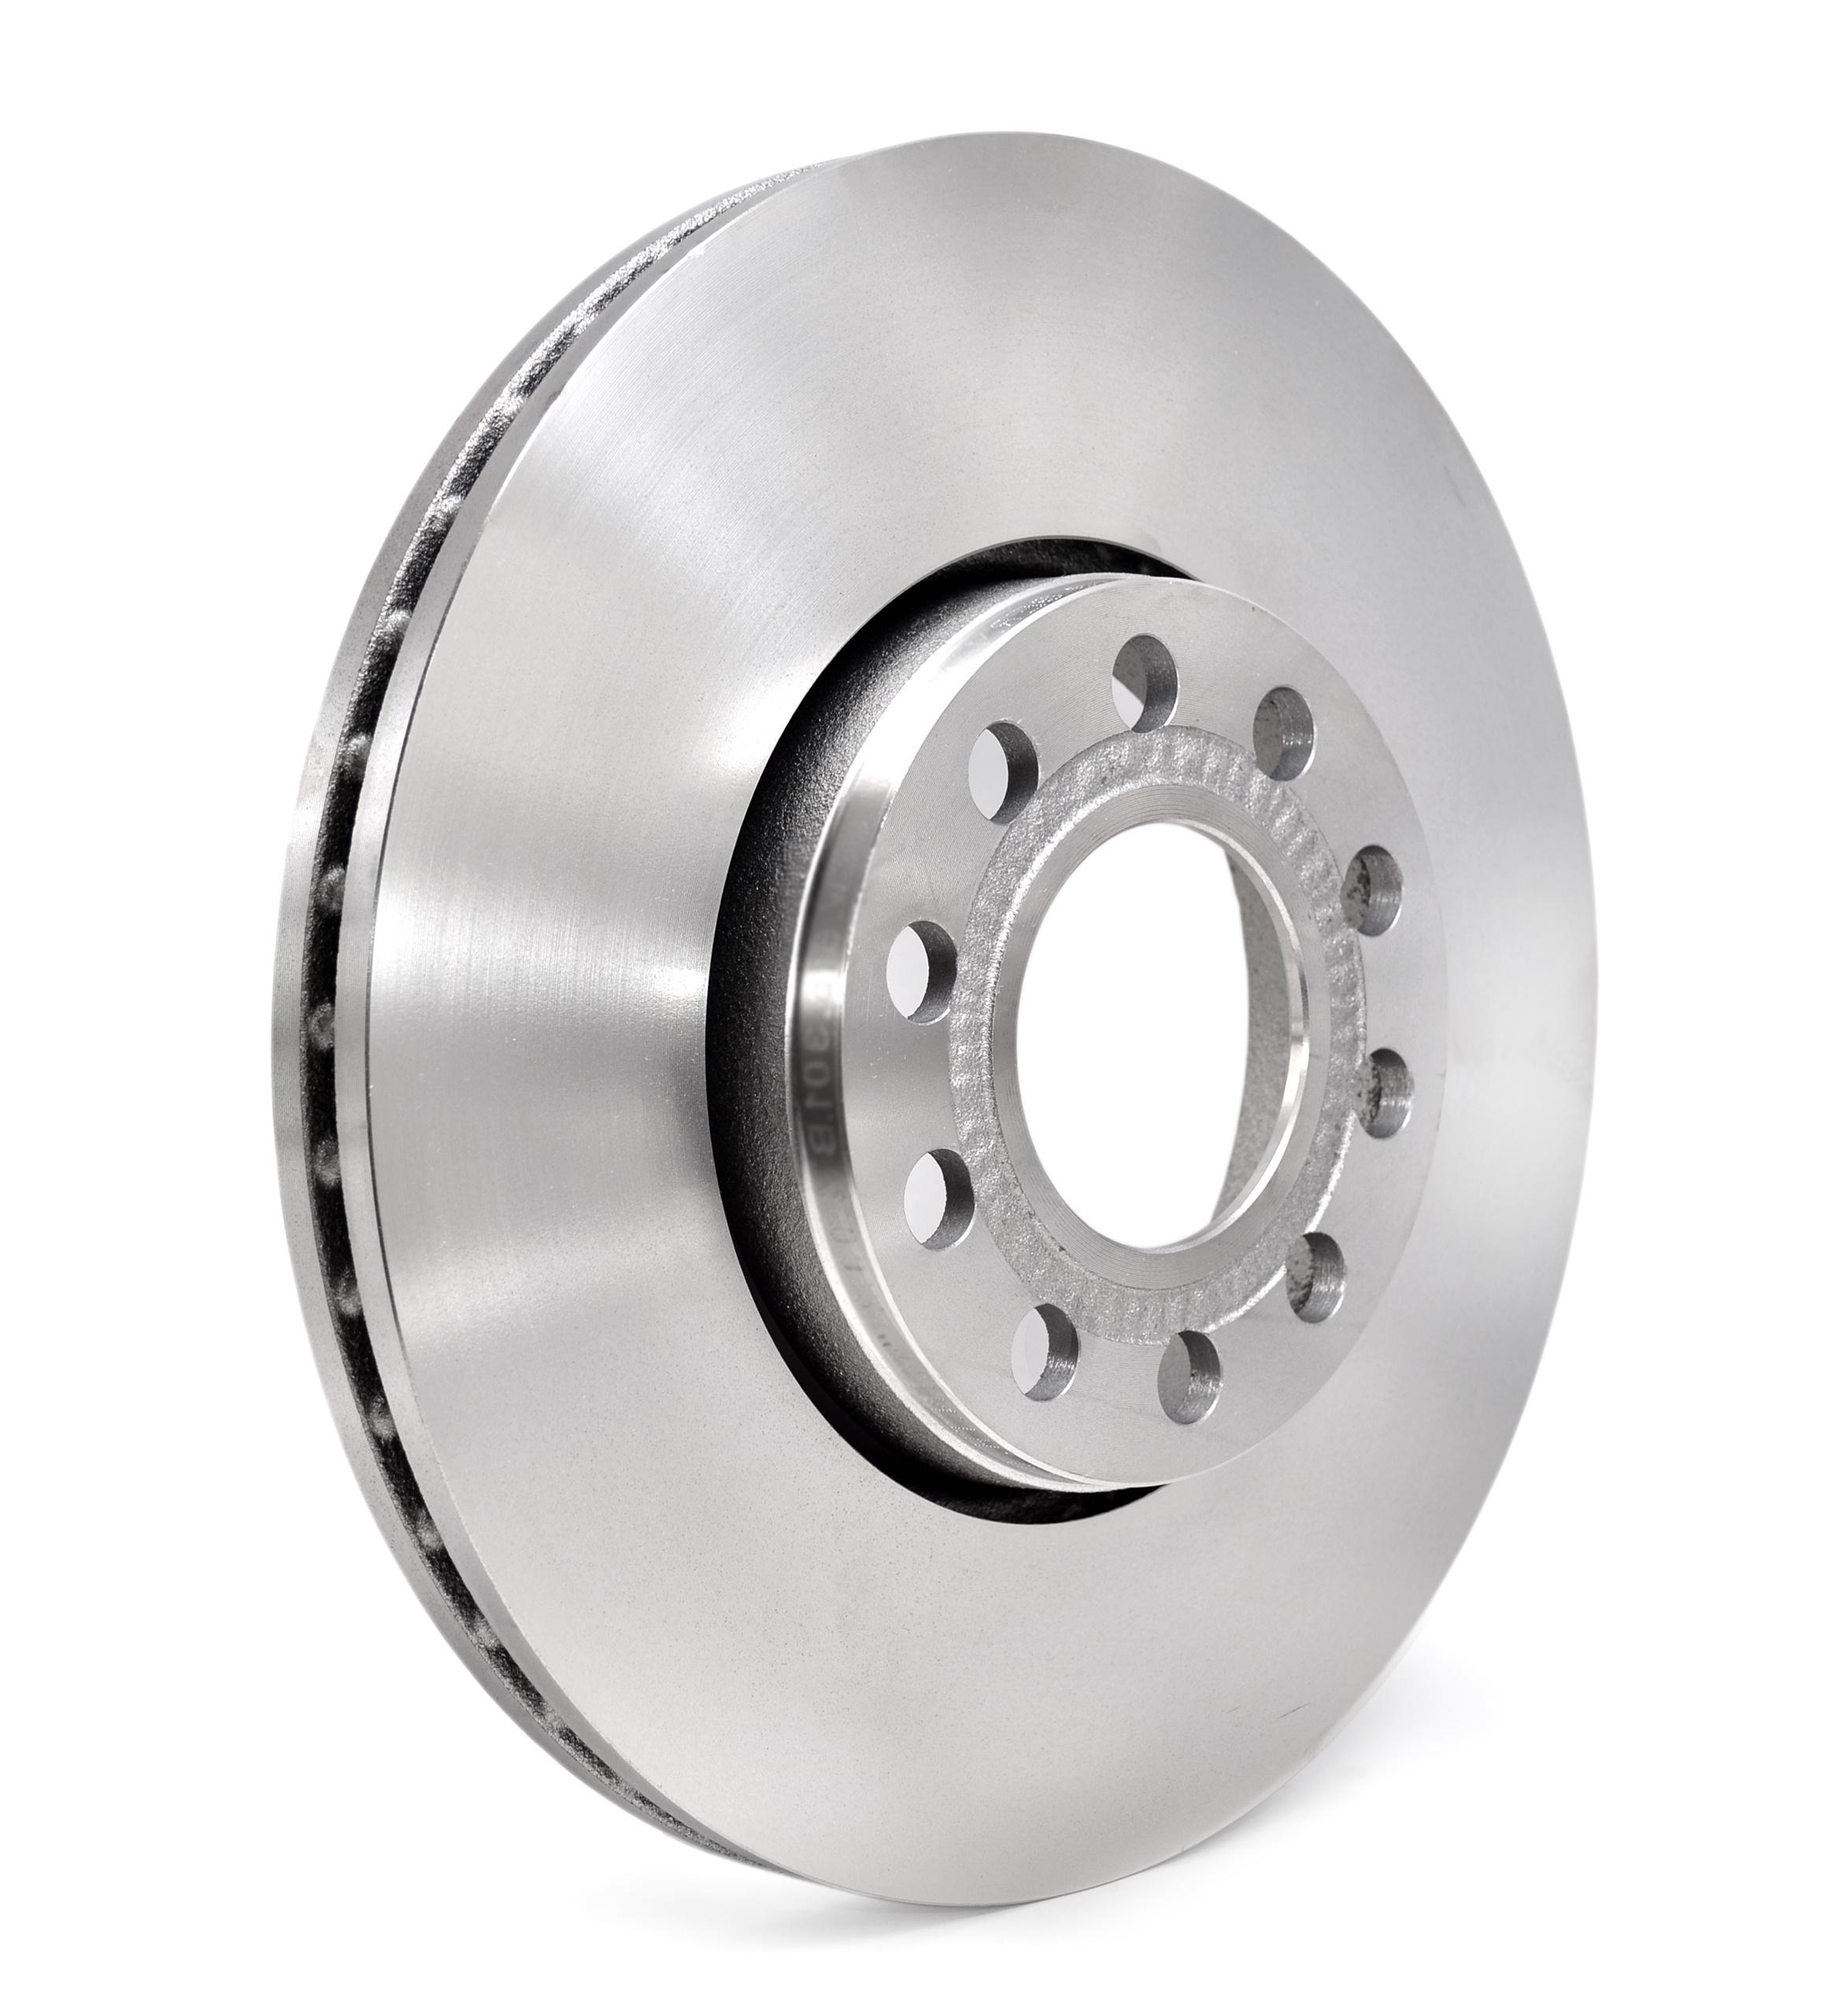 Brake Discs example